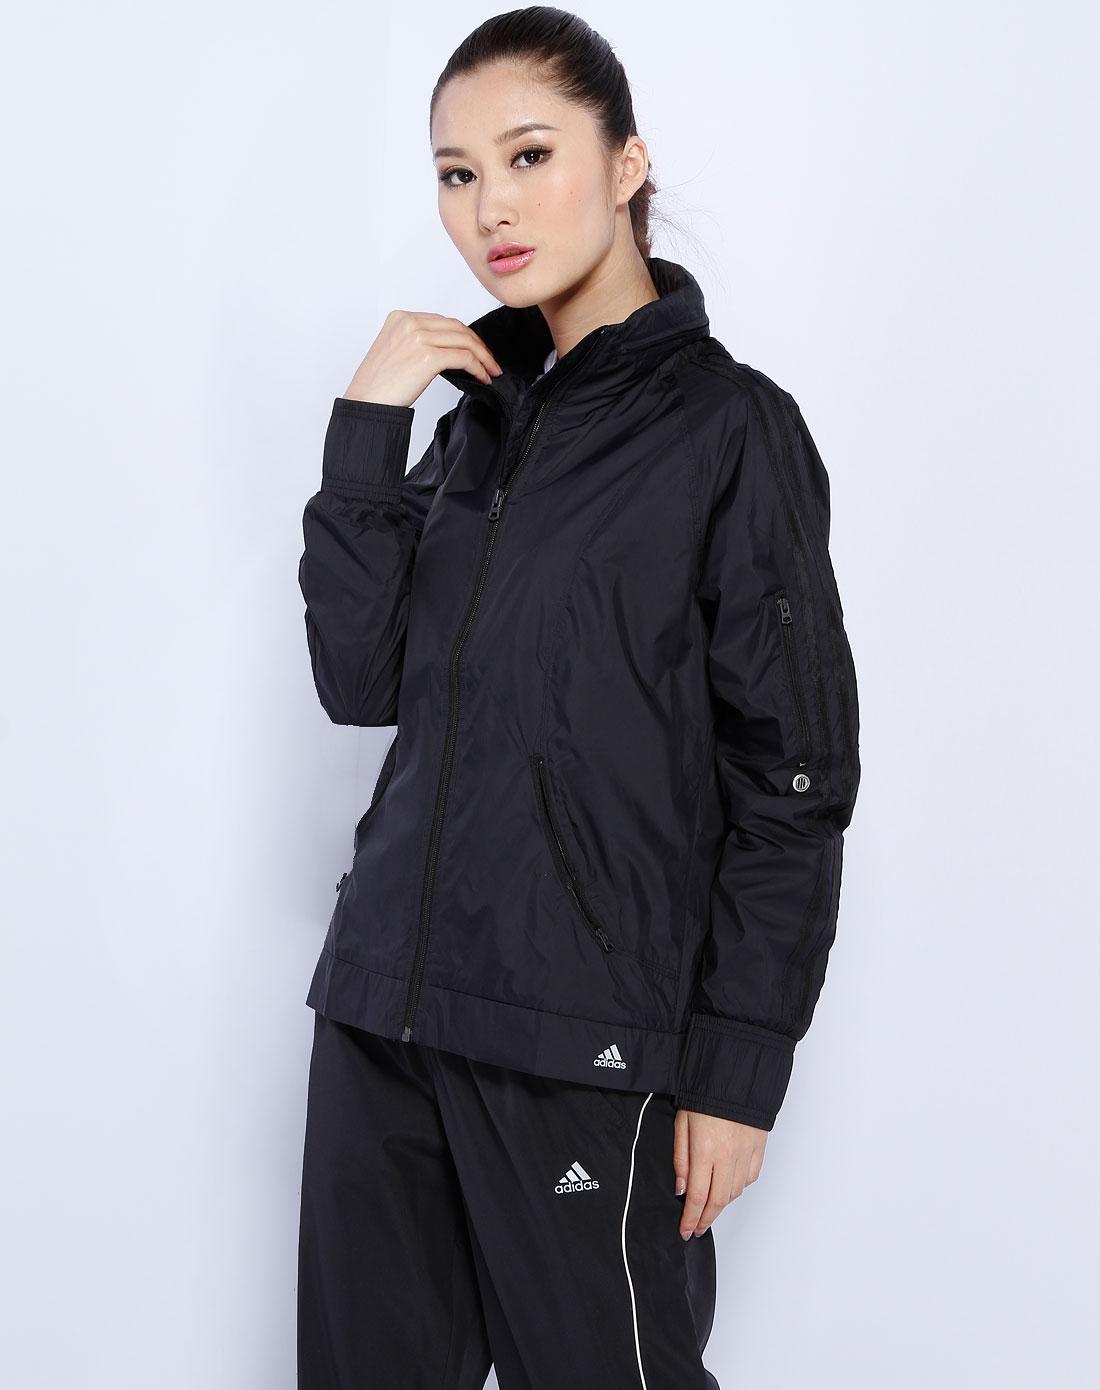 阿迪达斯adidas女款黑色运动长袖外套e17172